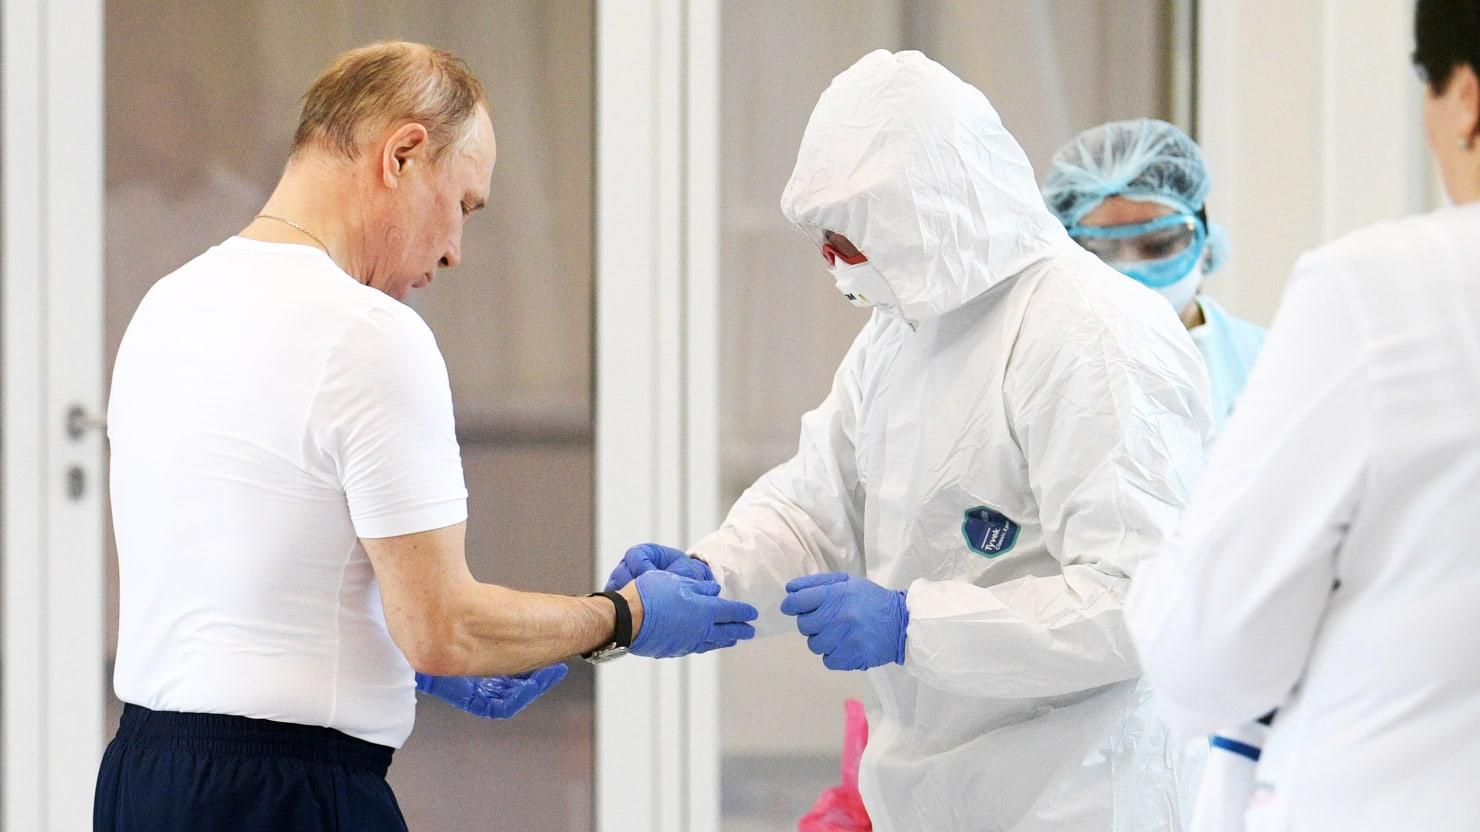 Russian State Media Tries to Clean Up Putin's Coronavirus Aid Stunt